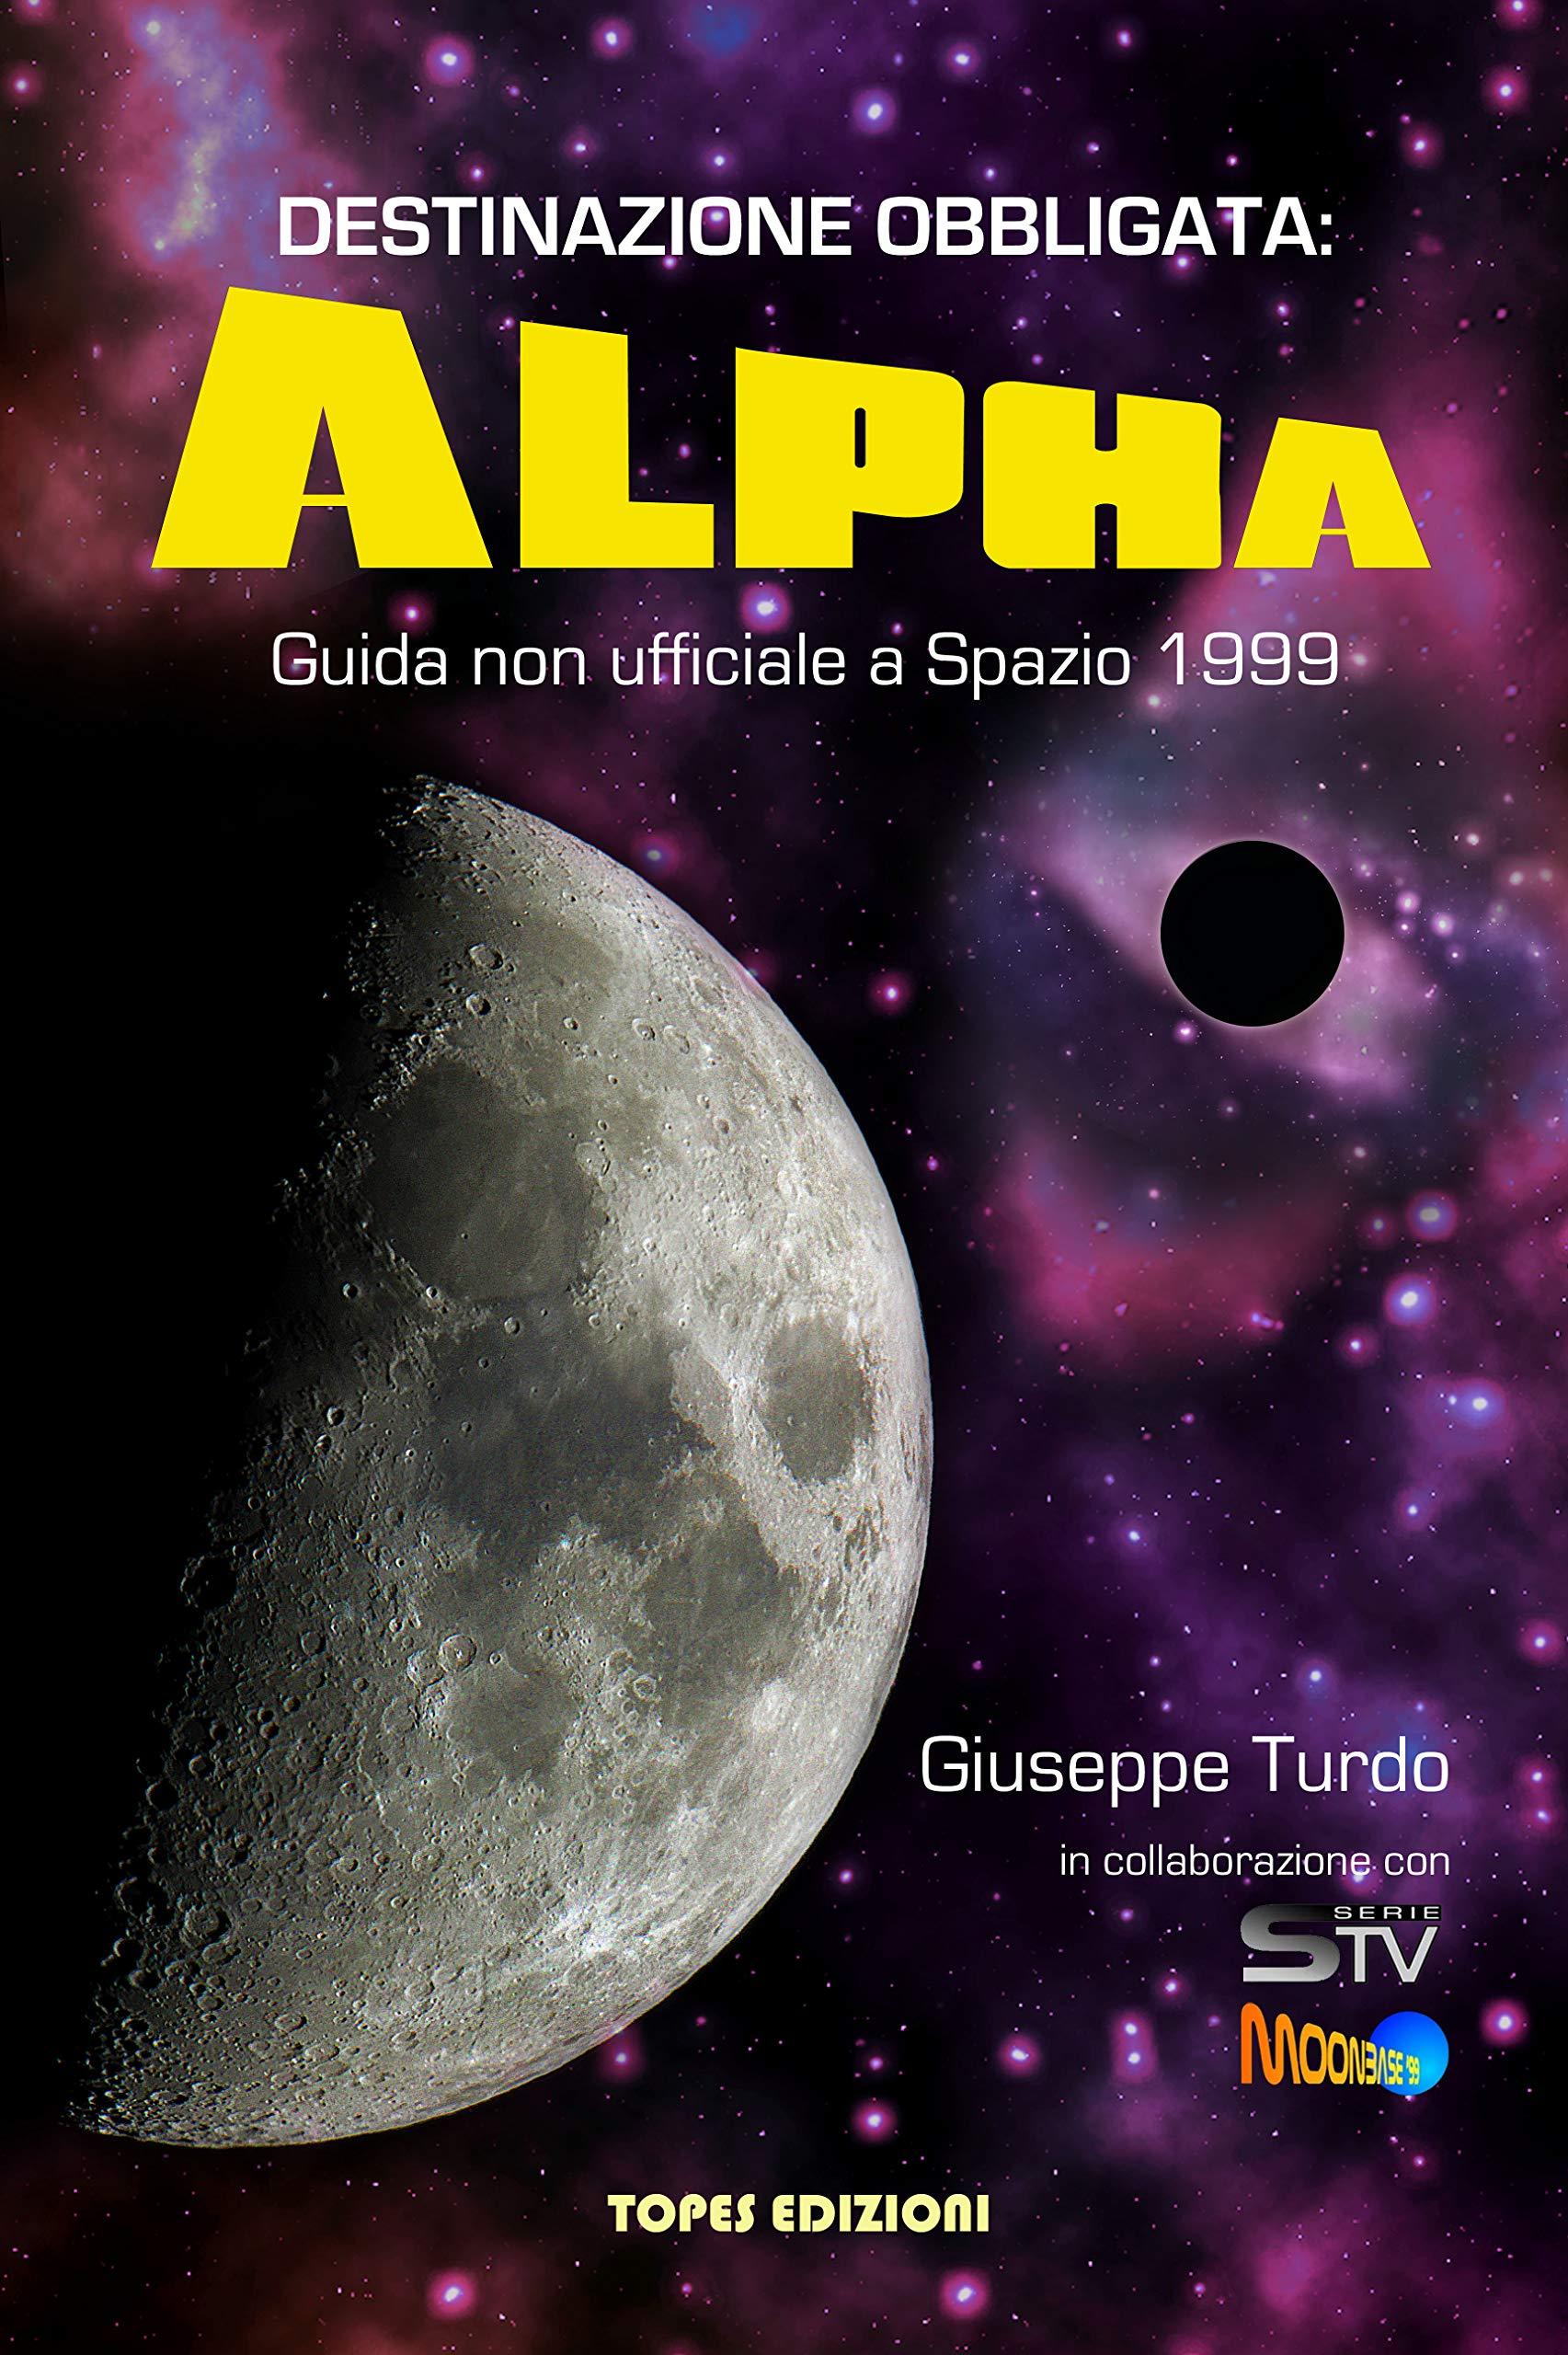 Destinazione Obbligata: Alpha: Guida non ufficiale a Spazio 1999 di Giuseppe Turdo